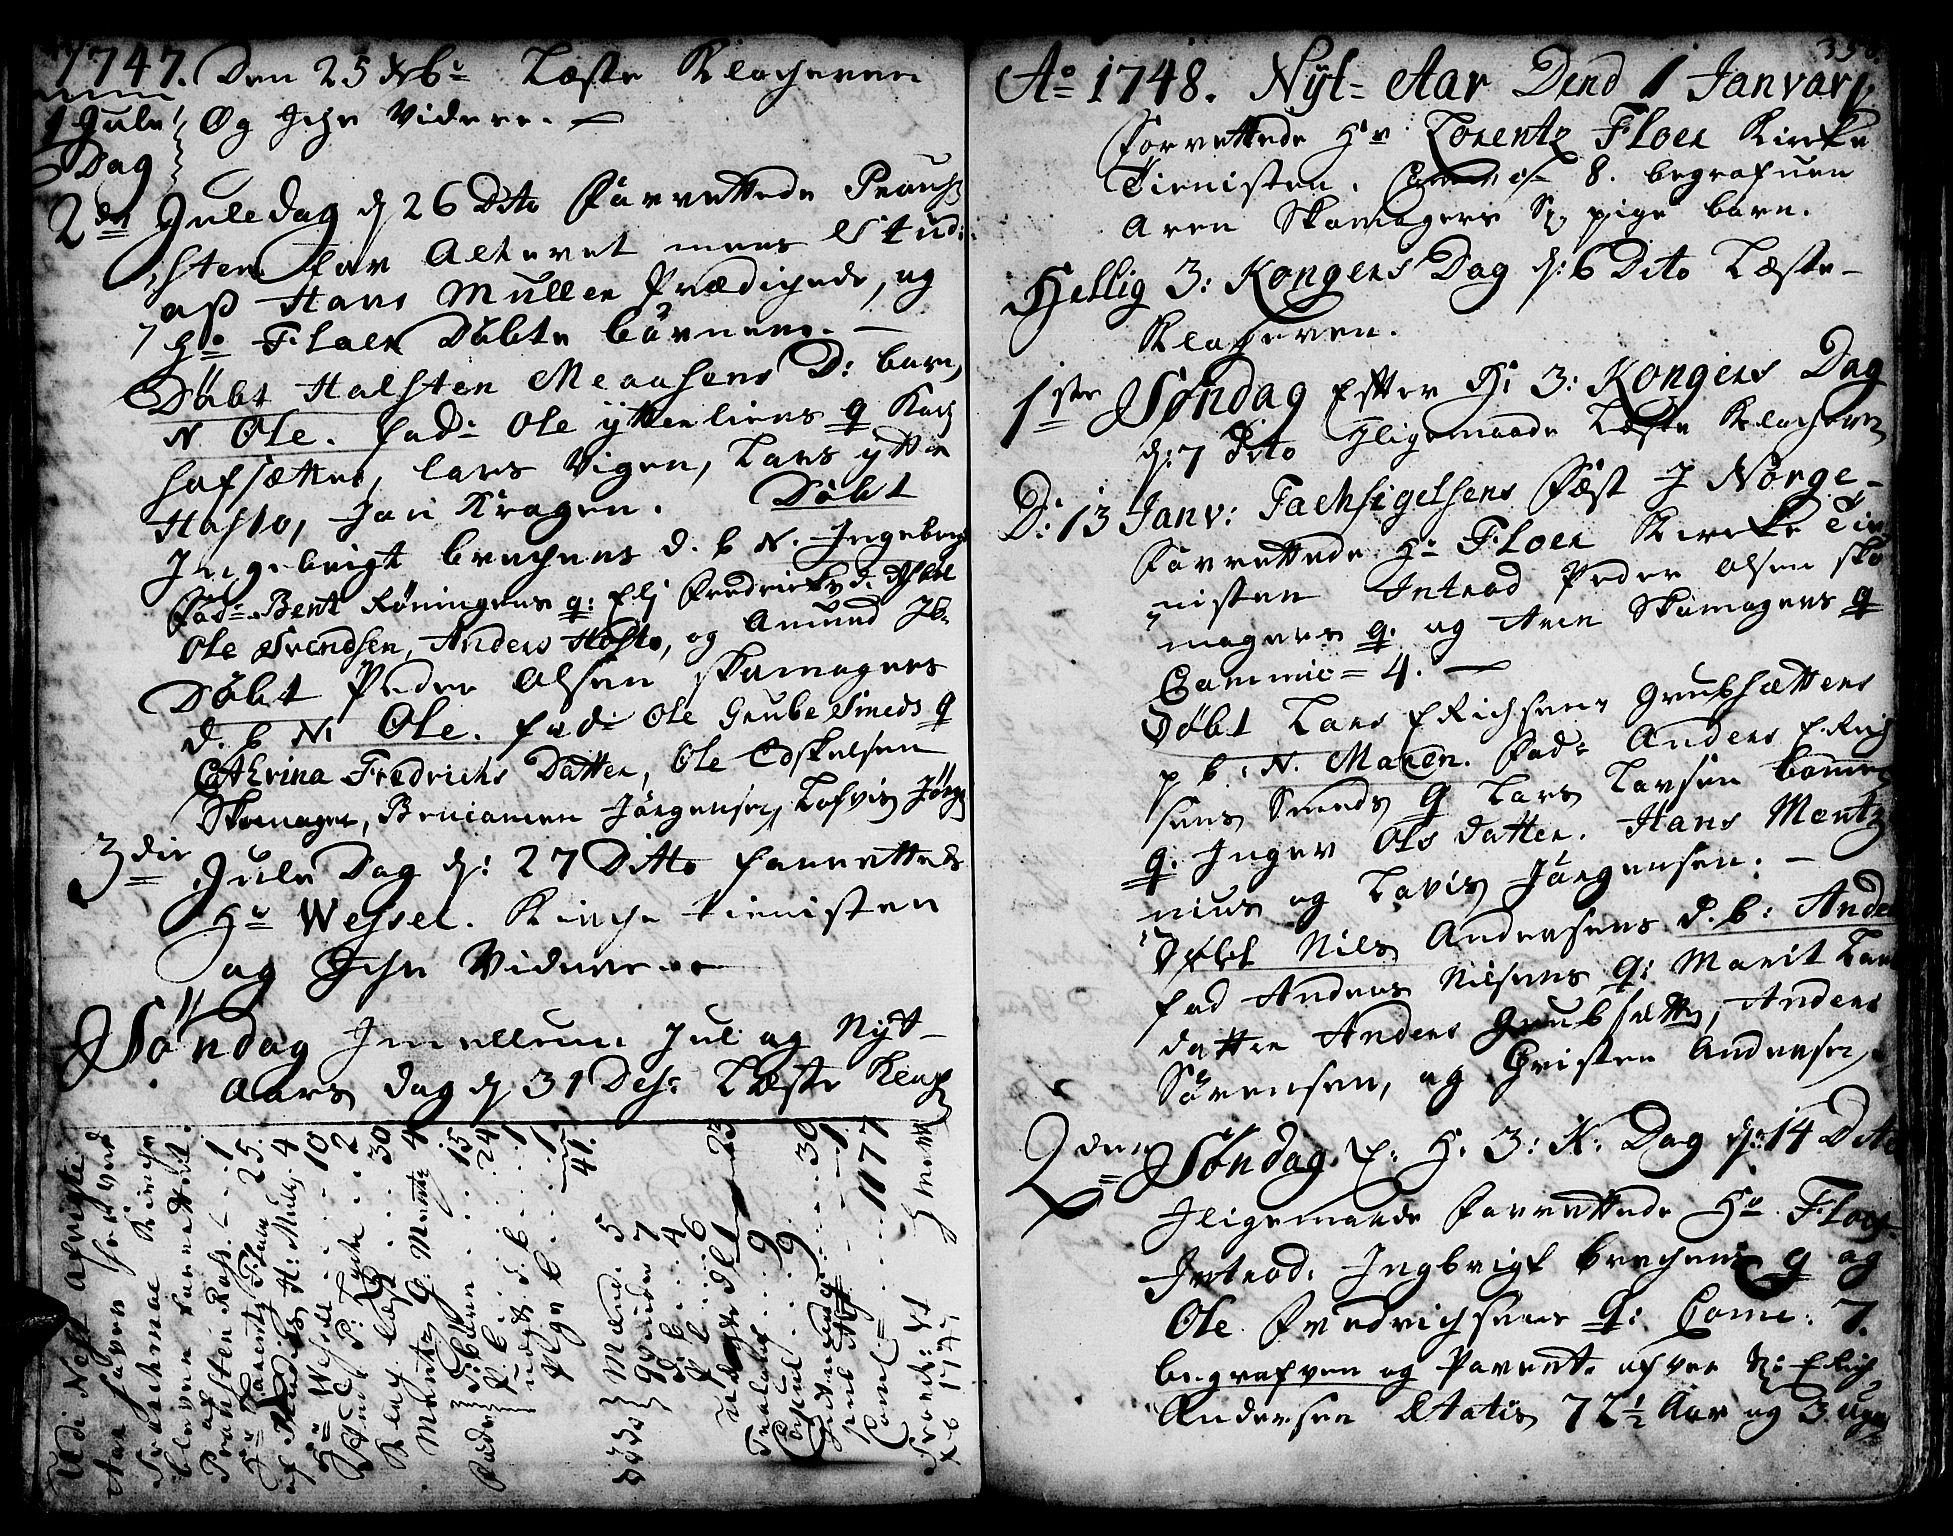 SAT, Ministerialprotokoller, klokkerbøker og fødselsregistre - Sør-Trøndelag, 671/L0839: Ministerialbok nr. 671A01, 1730-1755, s. 357-358